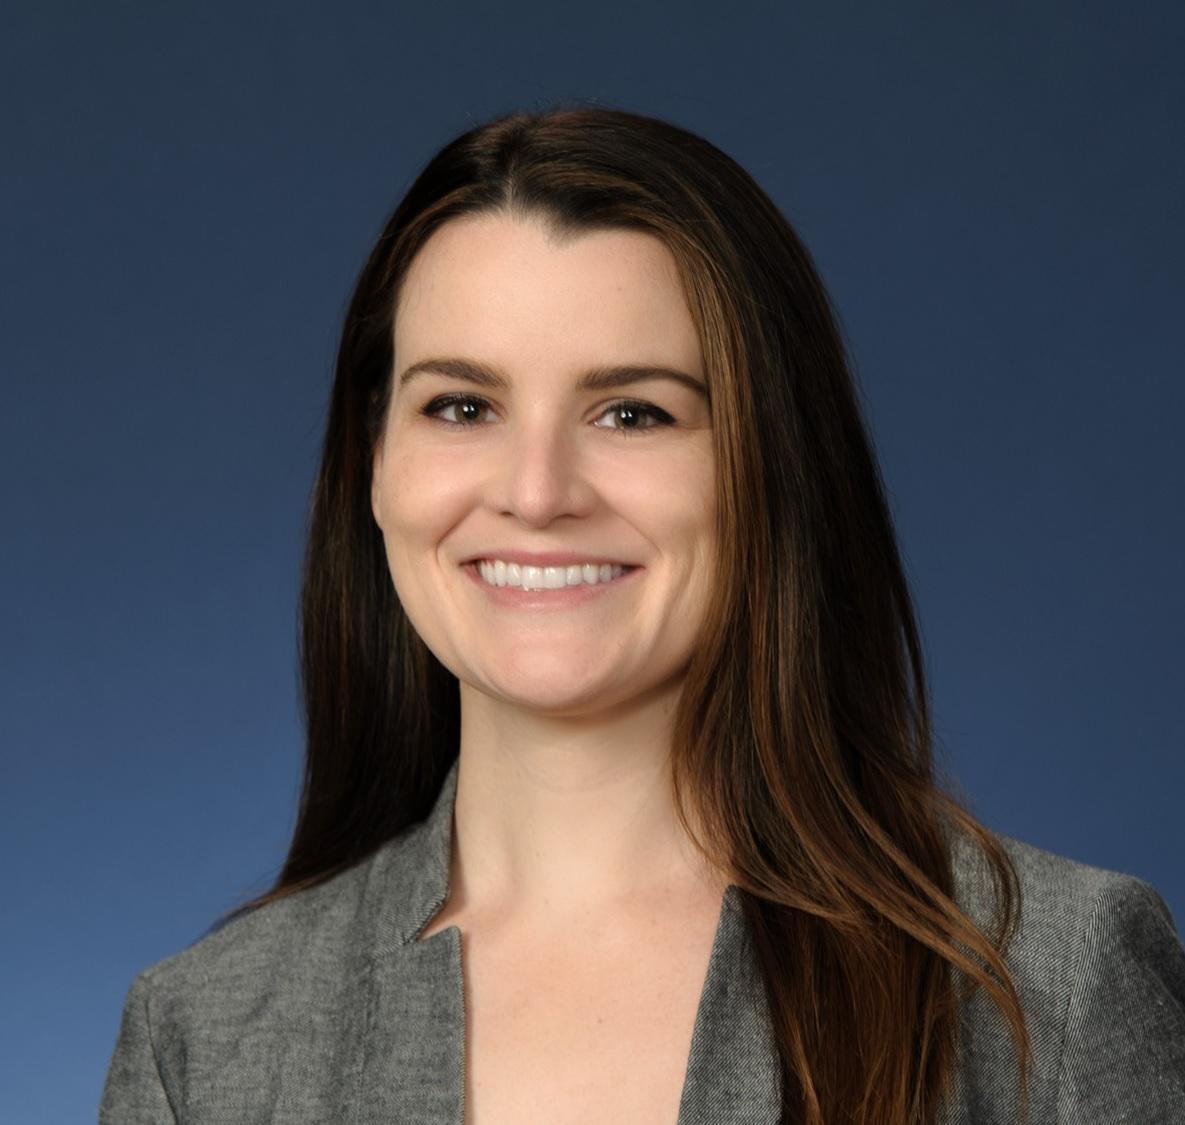 Danielle Otero